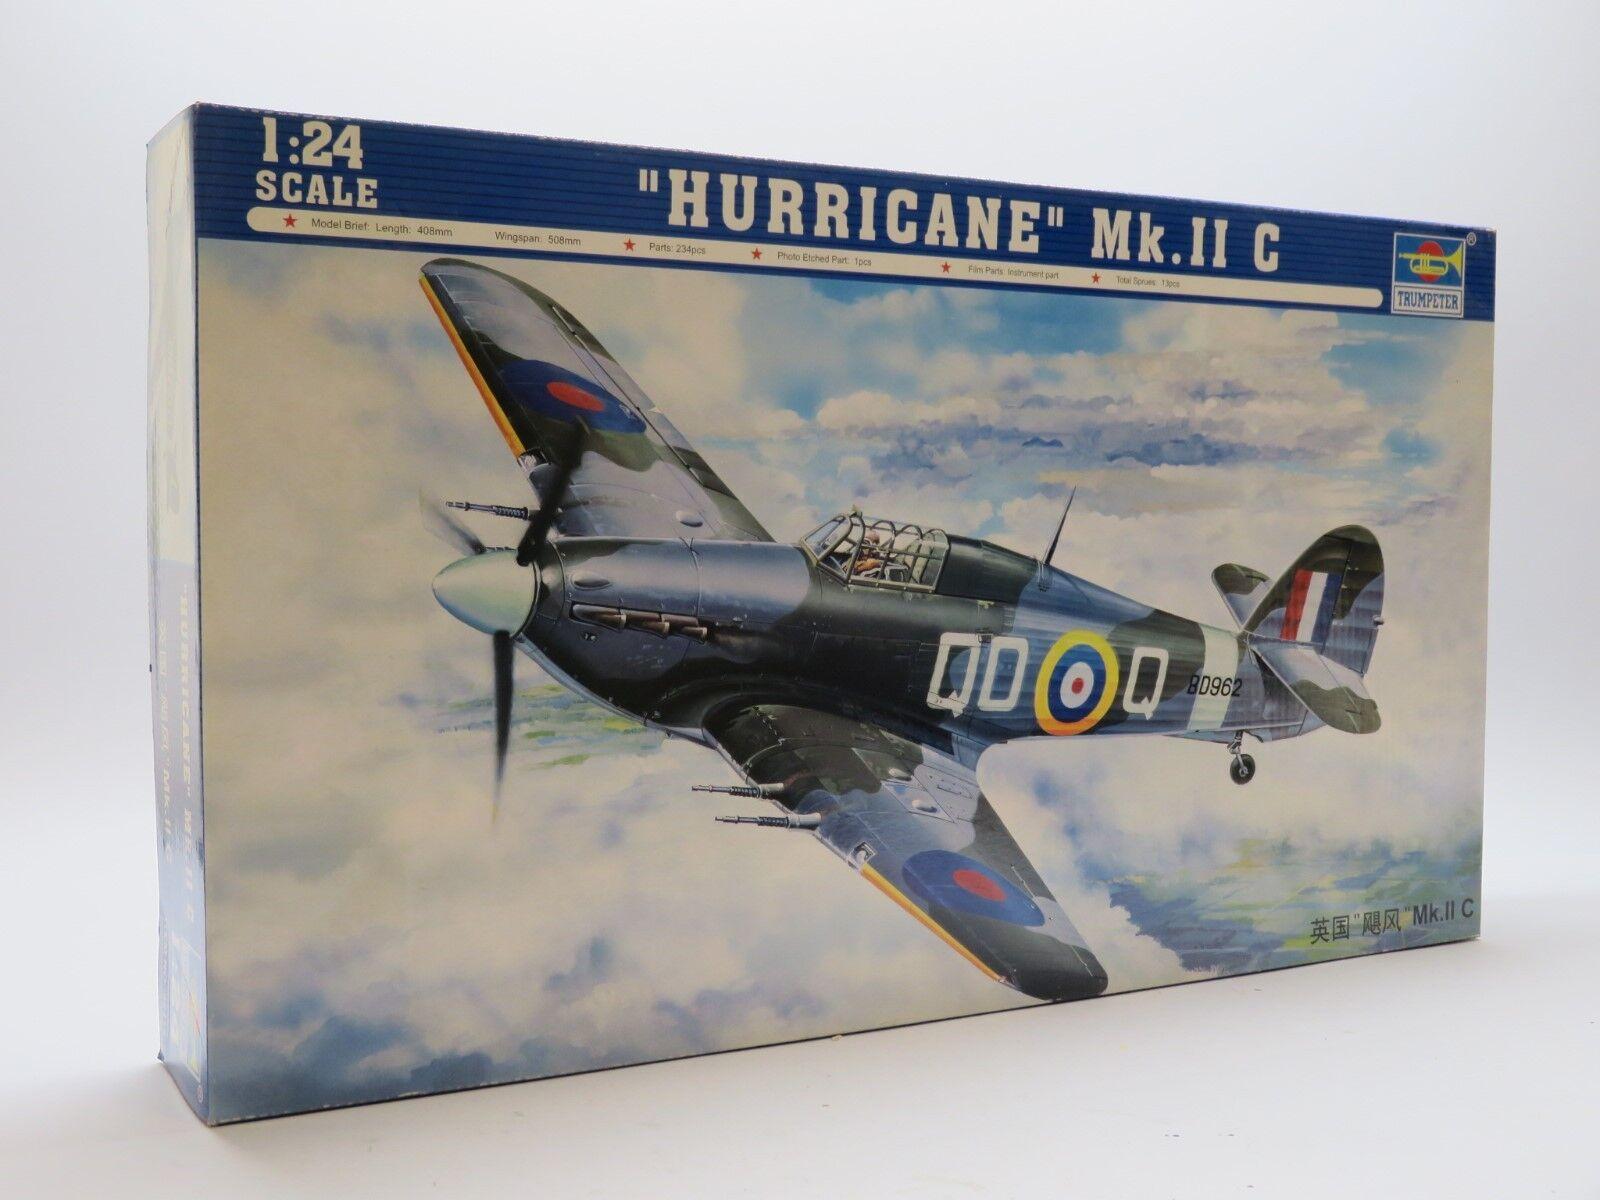 TRU02415 - Trumpeter 1 24 - Hawker Hurricane Mk.IIC